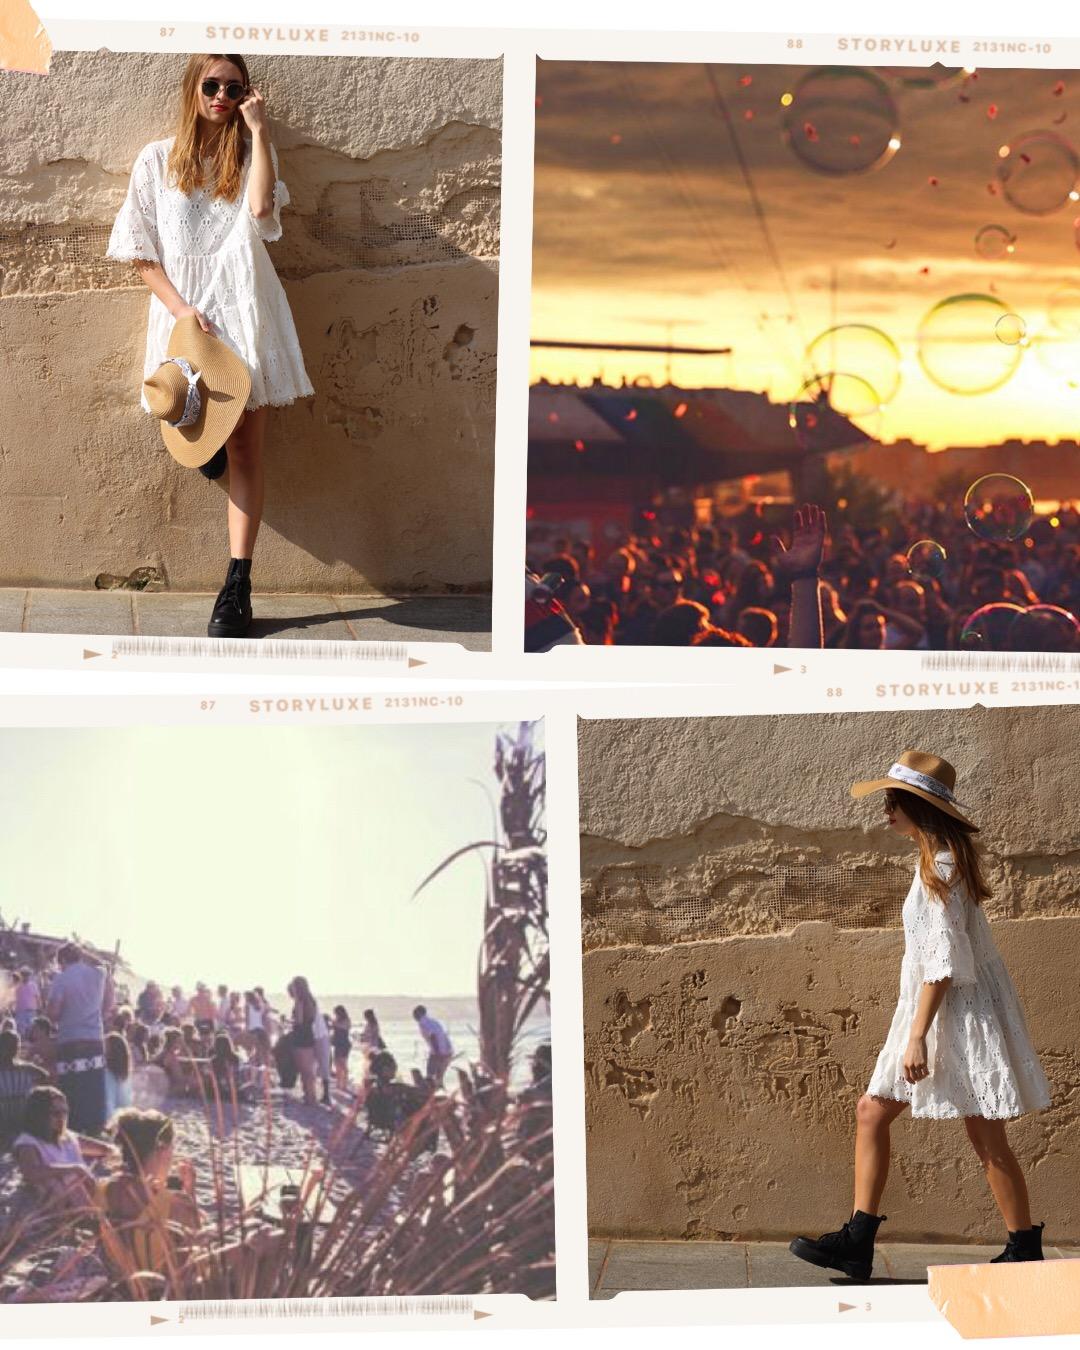 Lollapalooza - Une robe en dentelle, un grand chapeau pour se protéger du soleil et des boots pour la touche rock : le look parfait pour danser, profiter tout en étant hyper stylée non ?SHOP LA ROBE JULIETSHOP LE PANAMA BANDANASHOP LES B.O POSITIVE